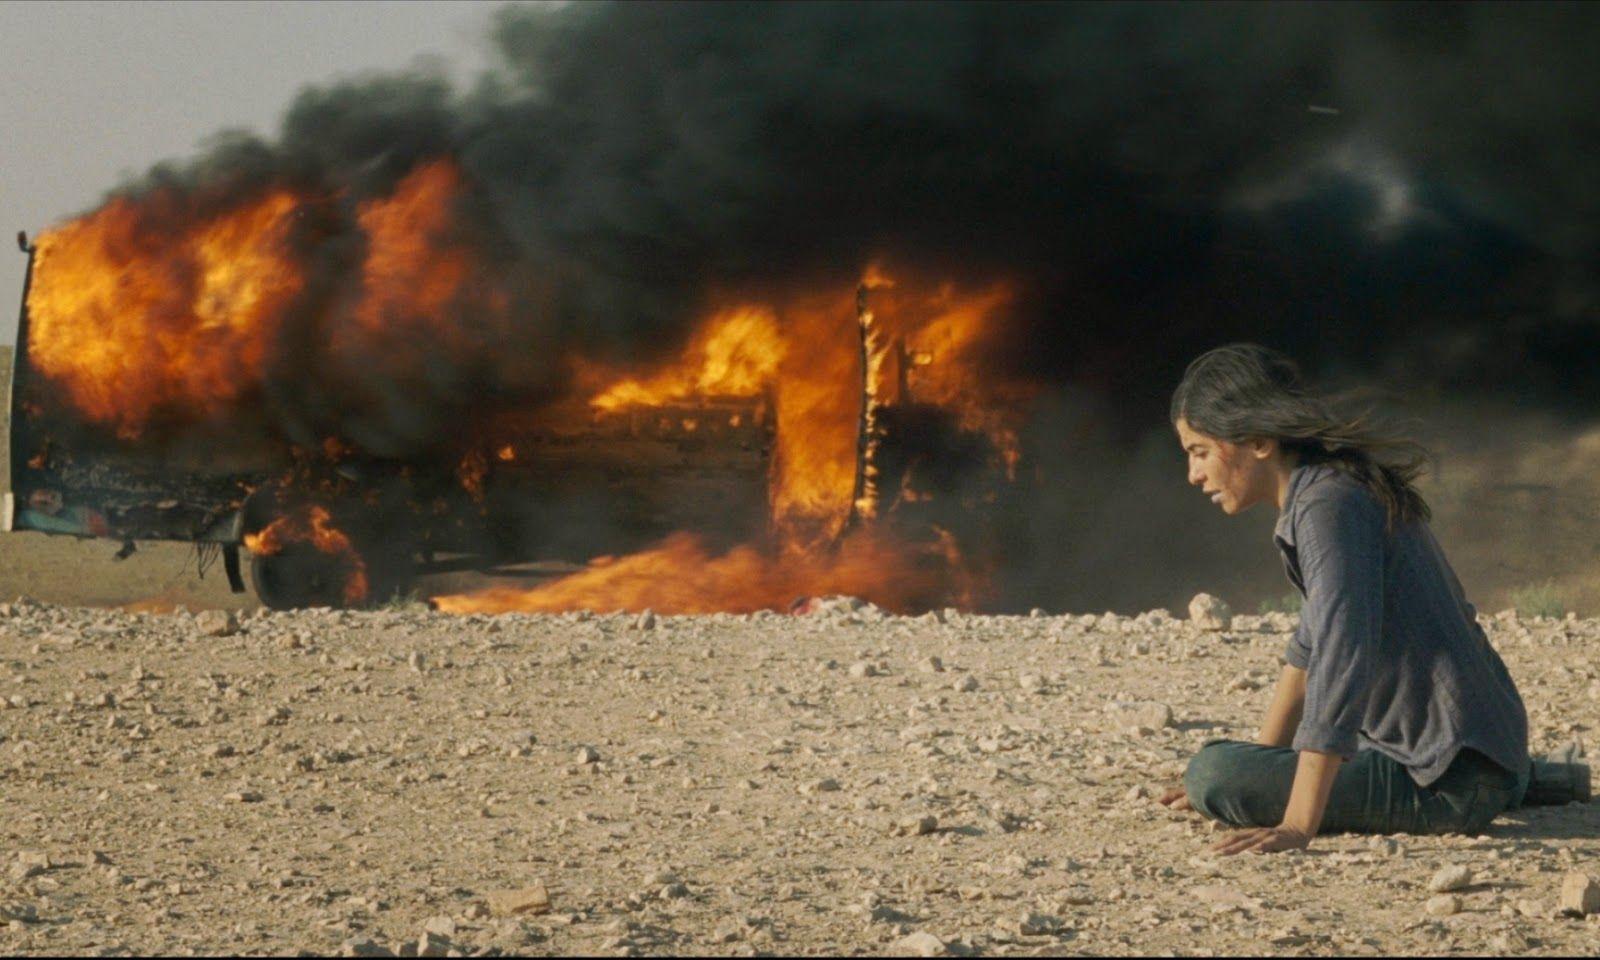 Incendies by Denis Villeneuve